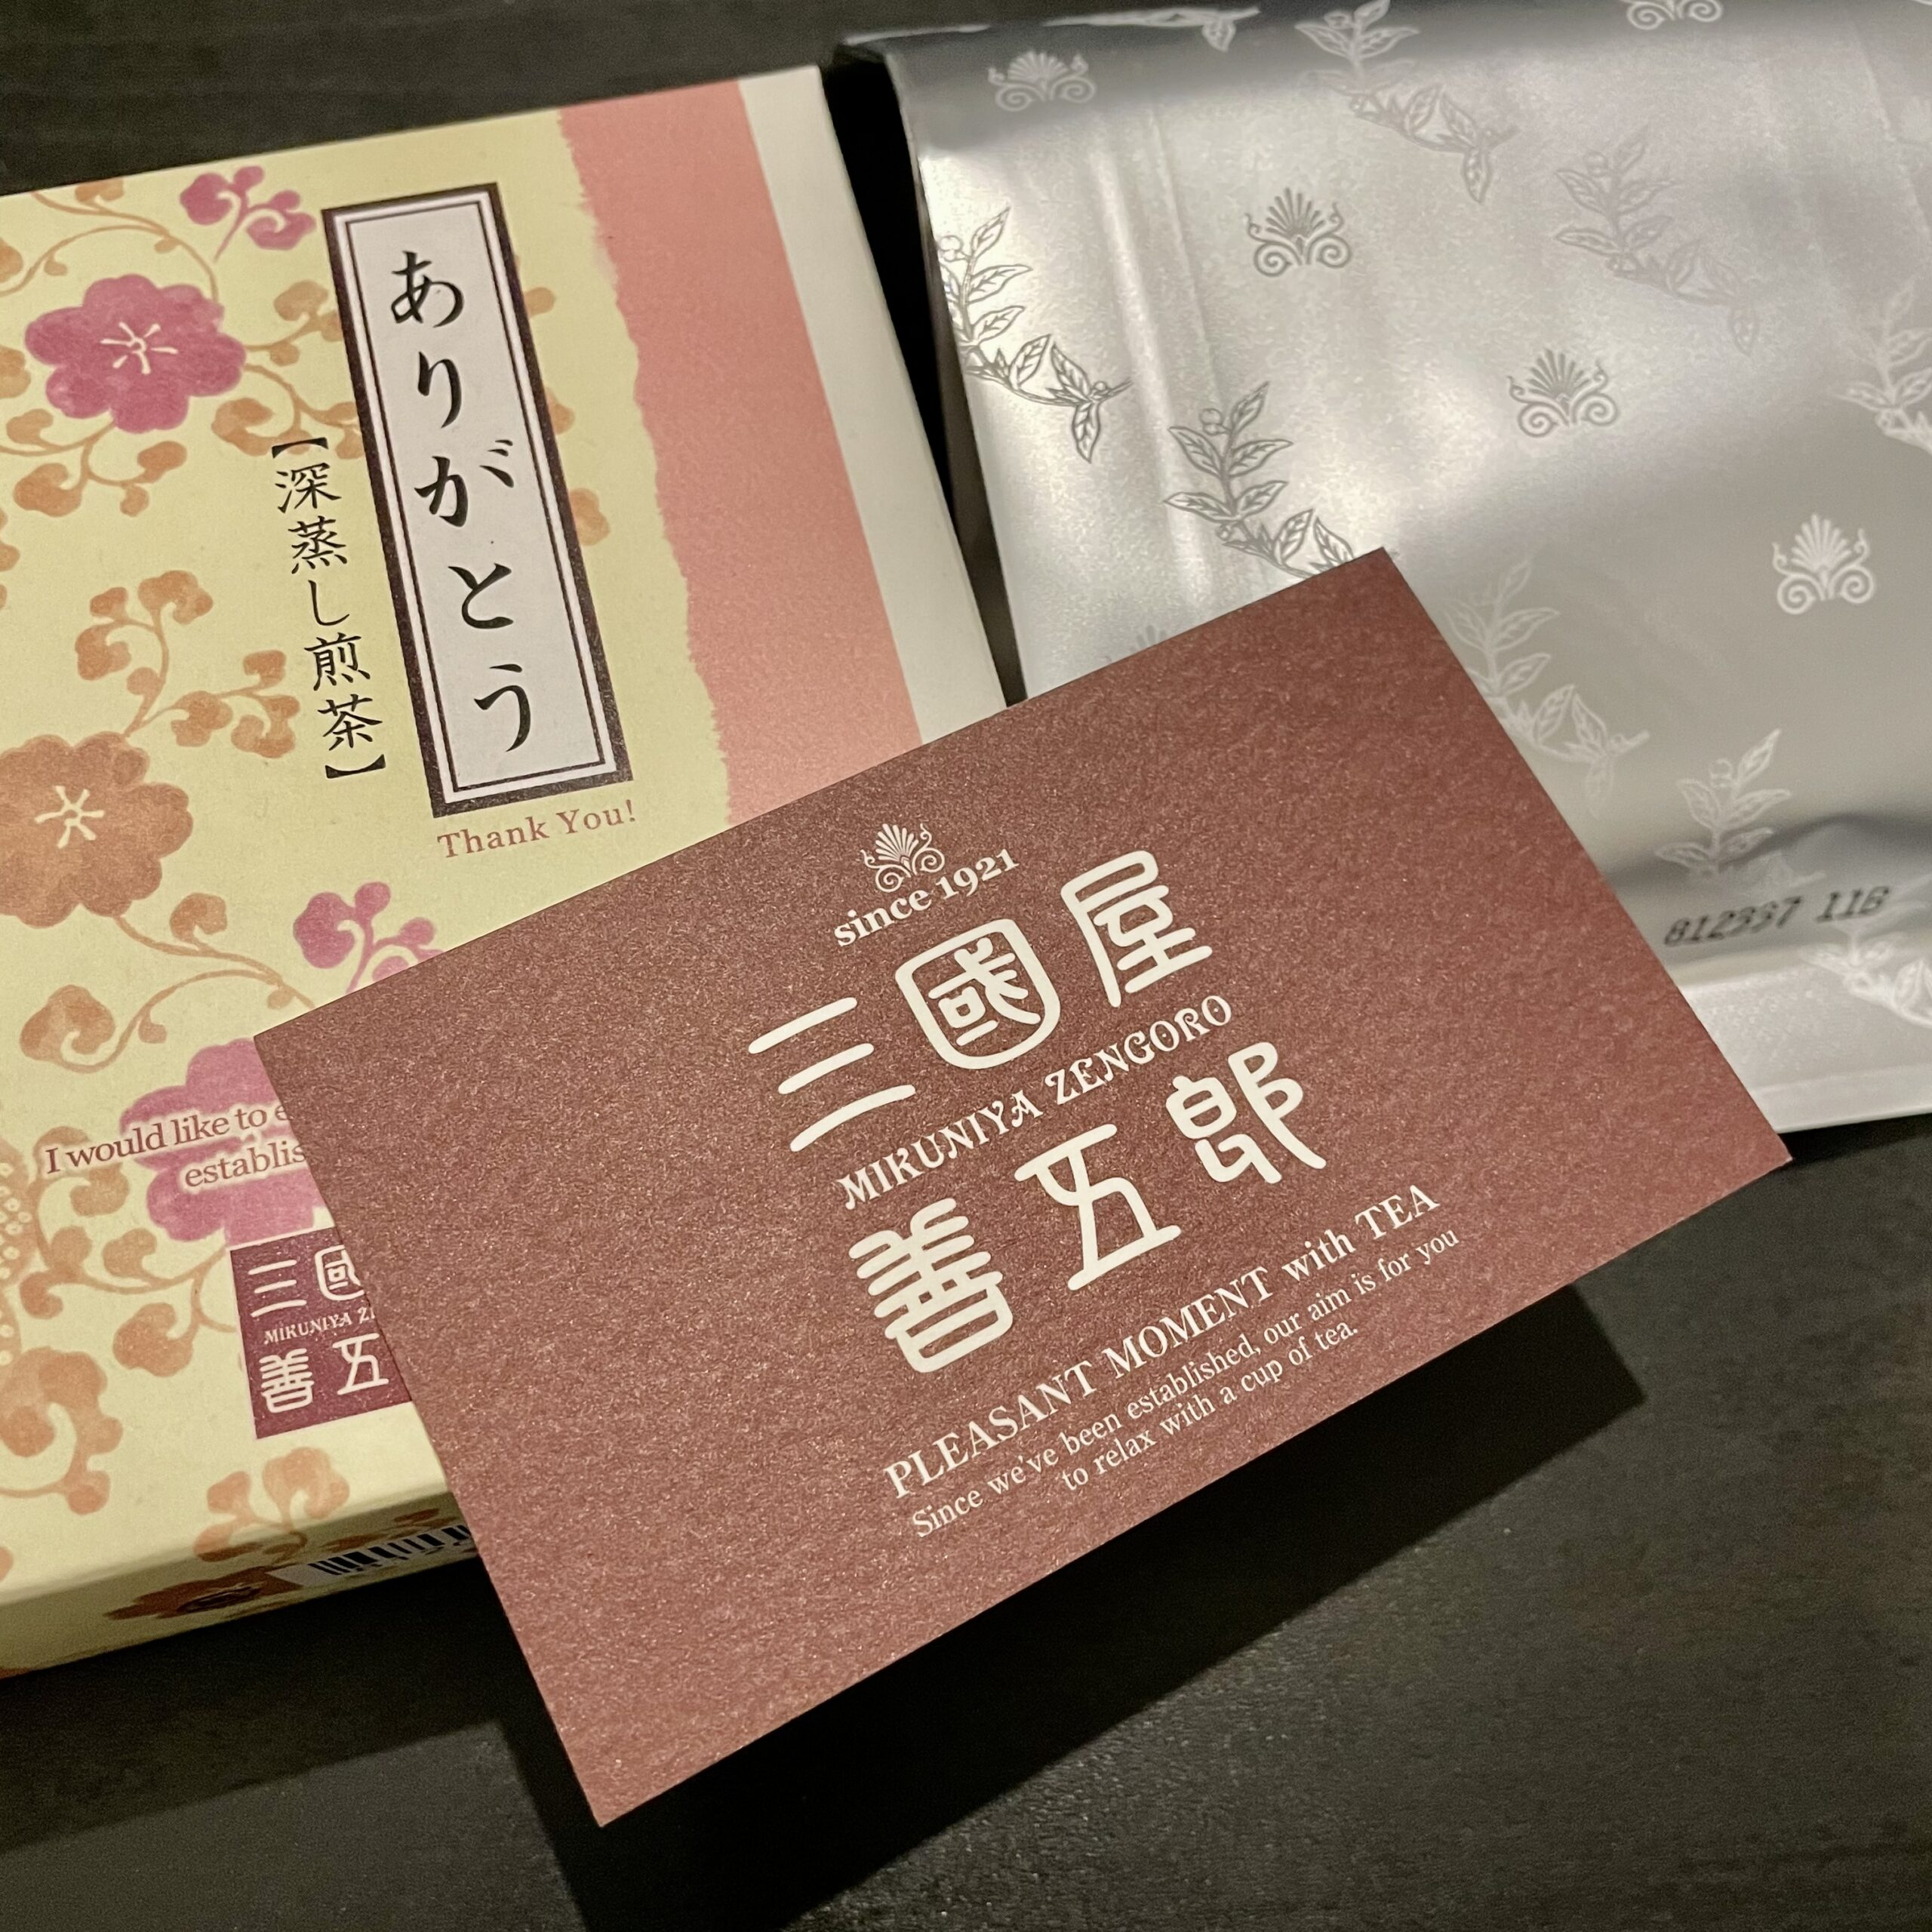 さて一服しますか。三國屋善五郎の深蒸し煎茶【ありがとう】まろやかで美味しい。